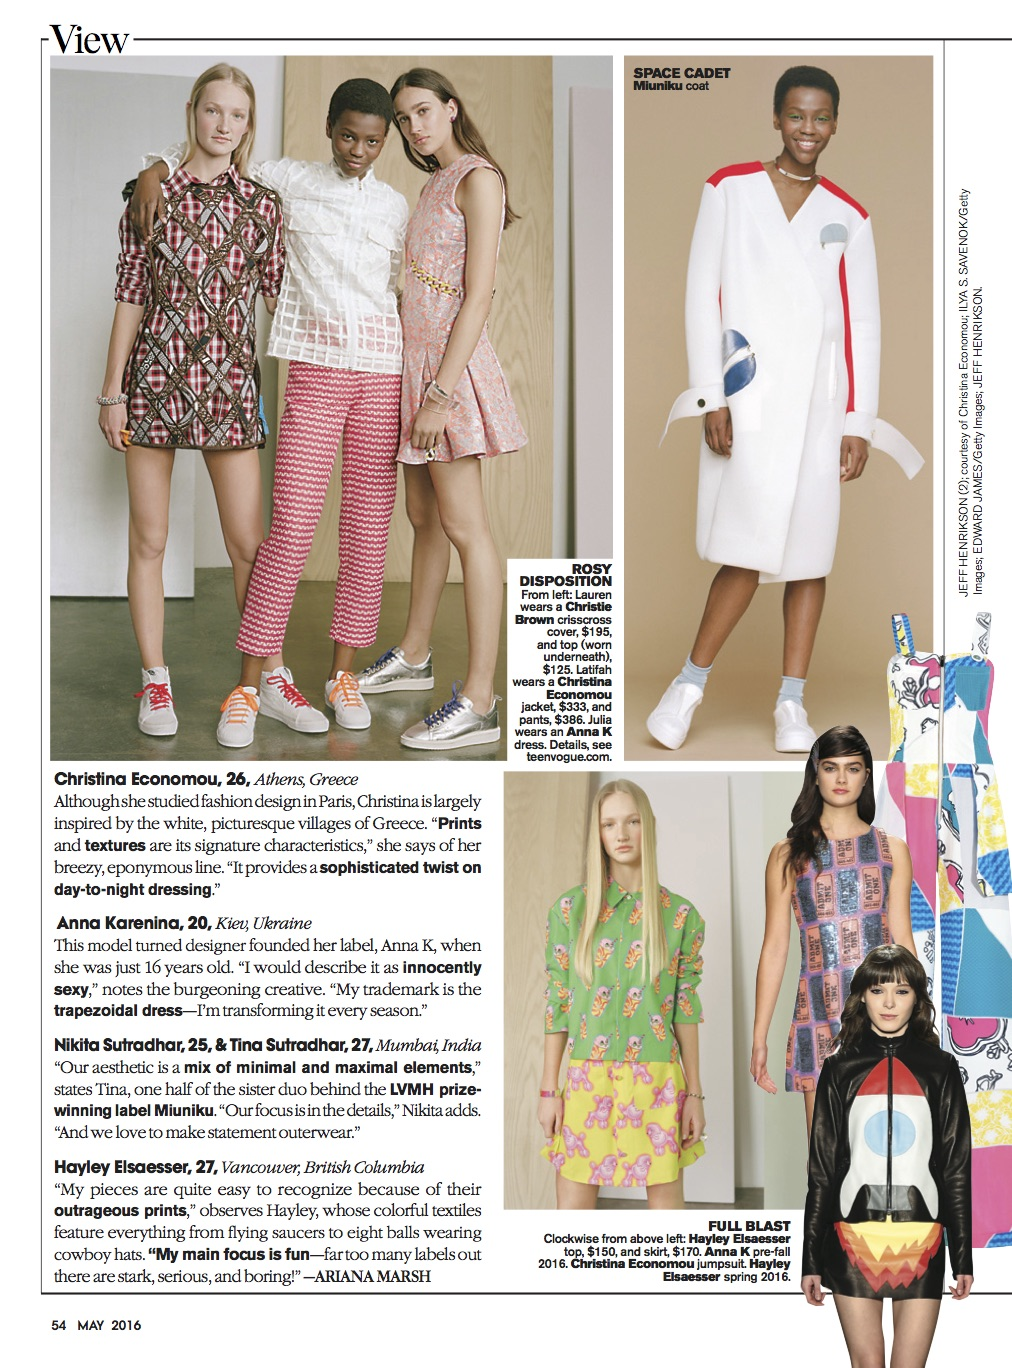 Teen Vogue - May 16